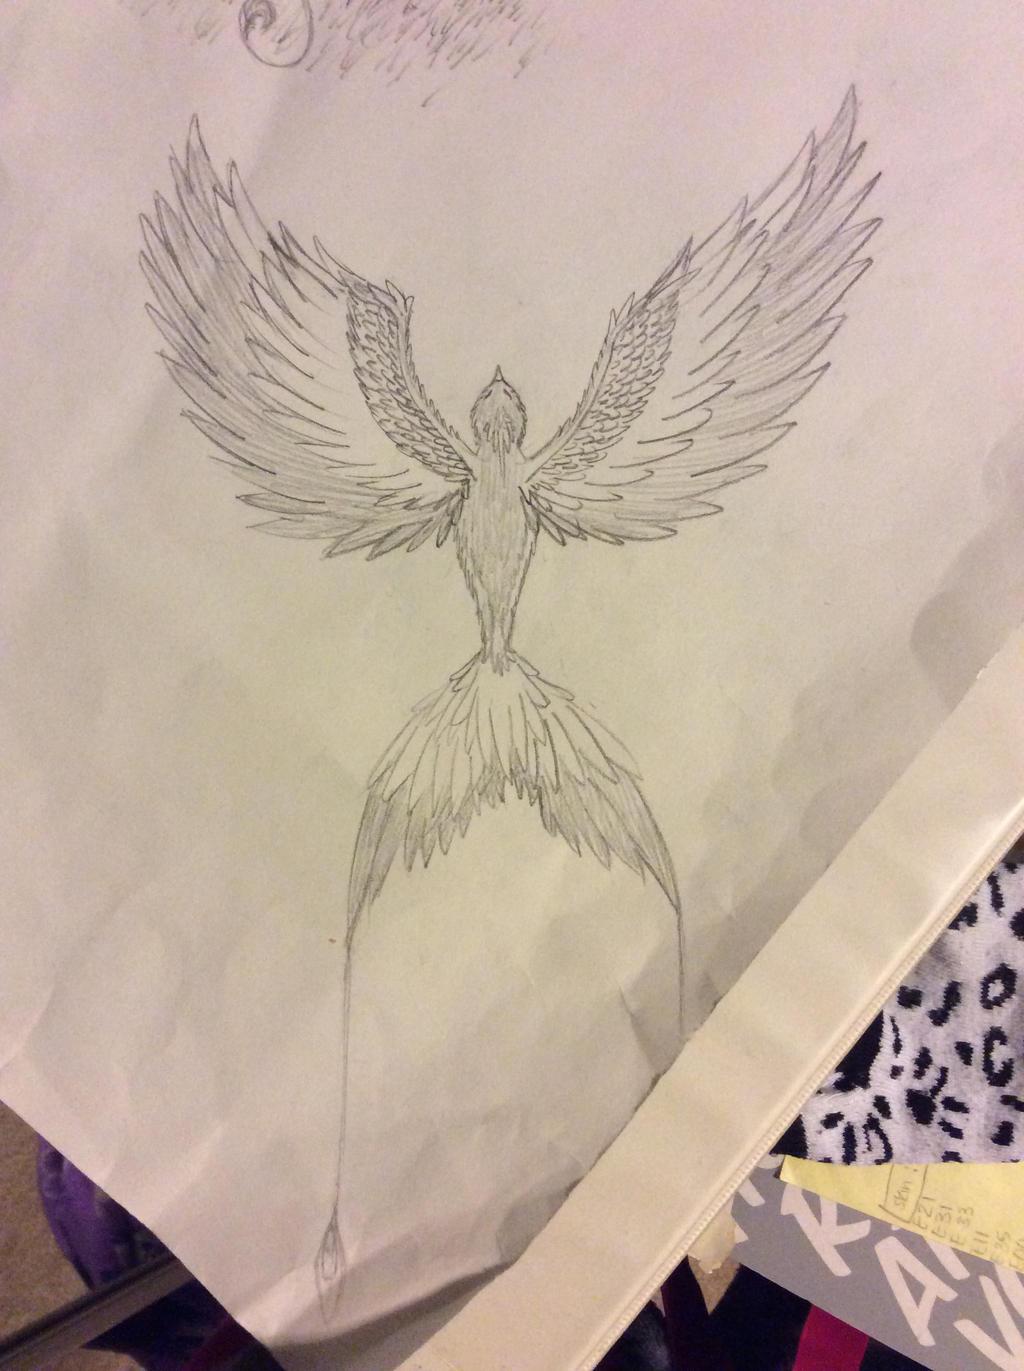 Random bird by FantasyArt99